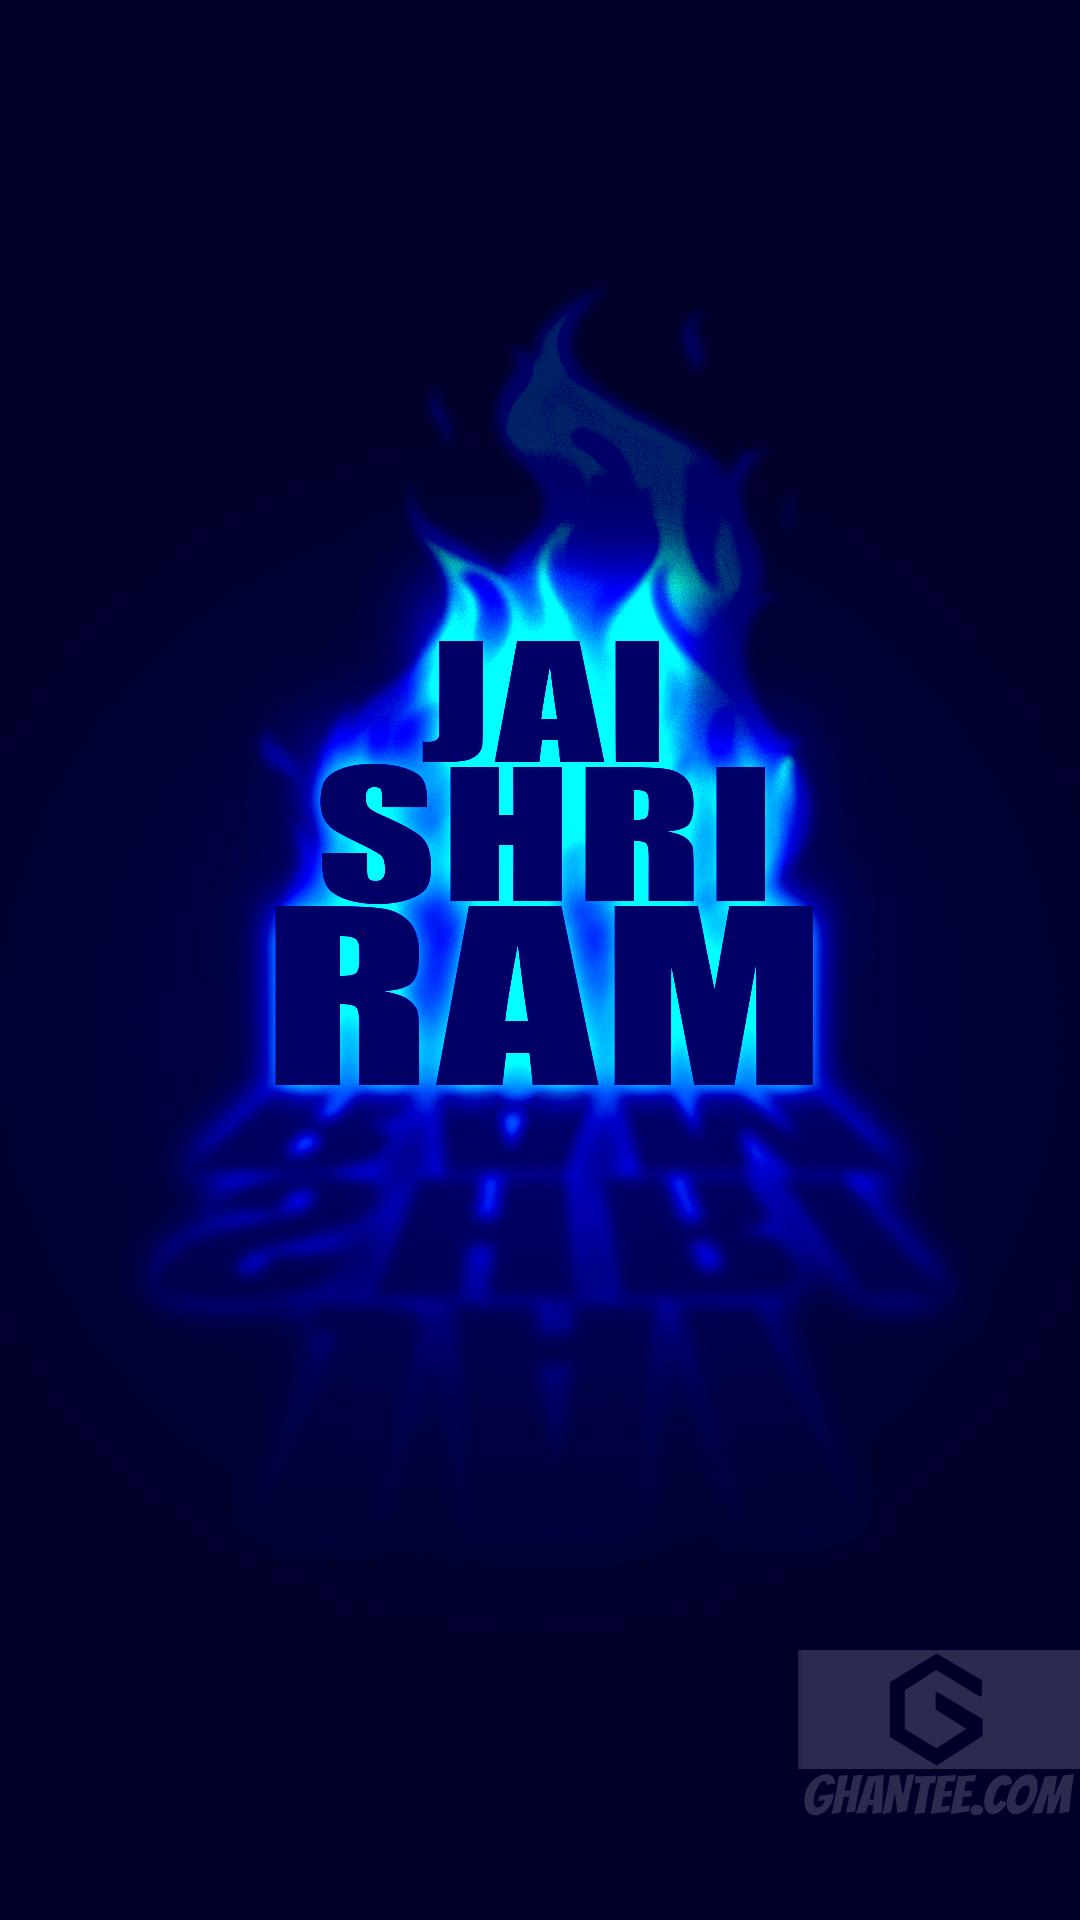 jai shri ram name wallpaper for mobile